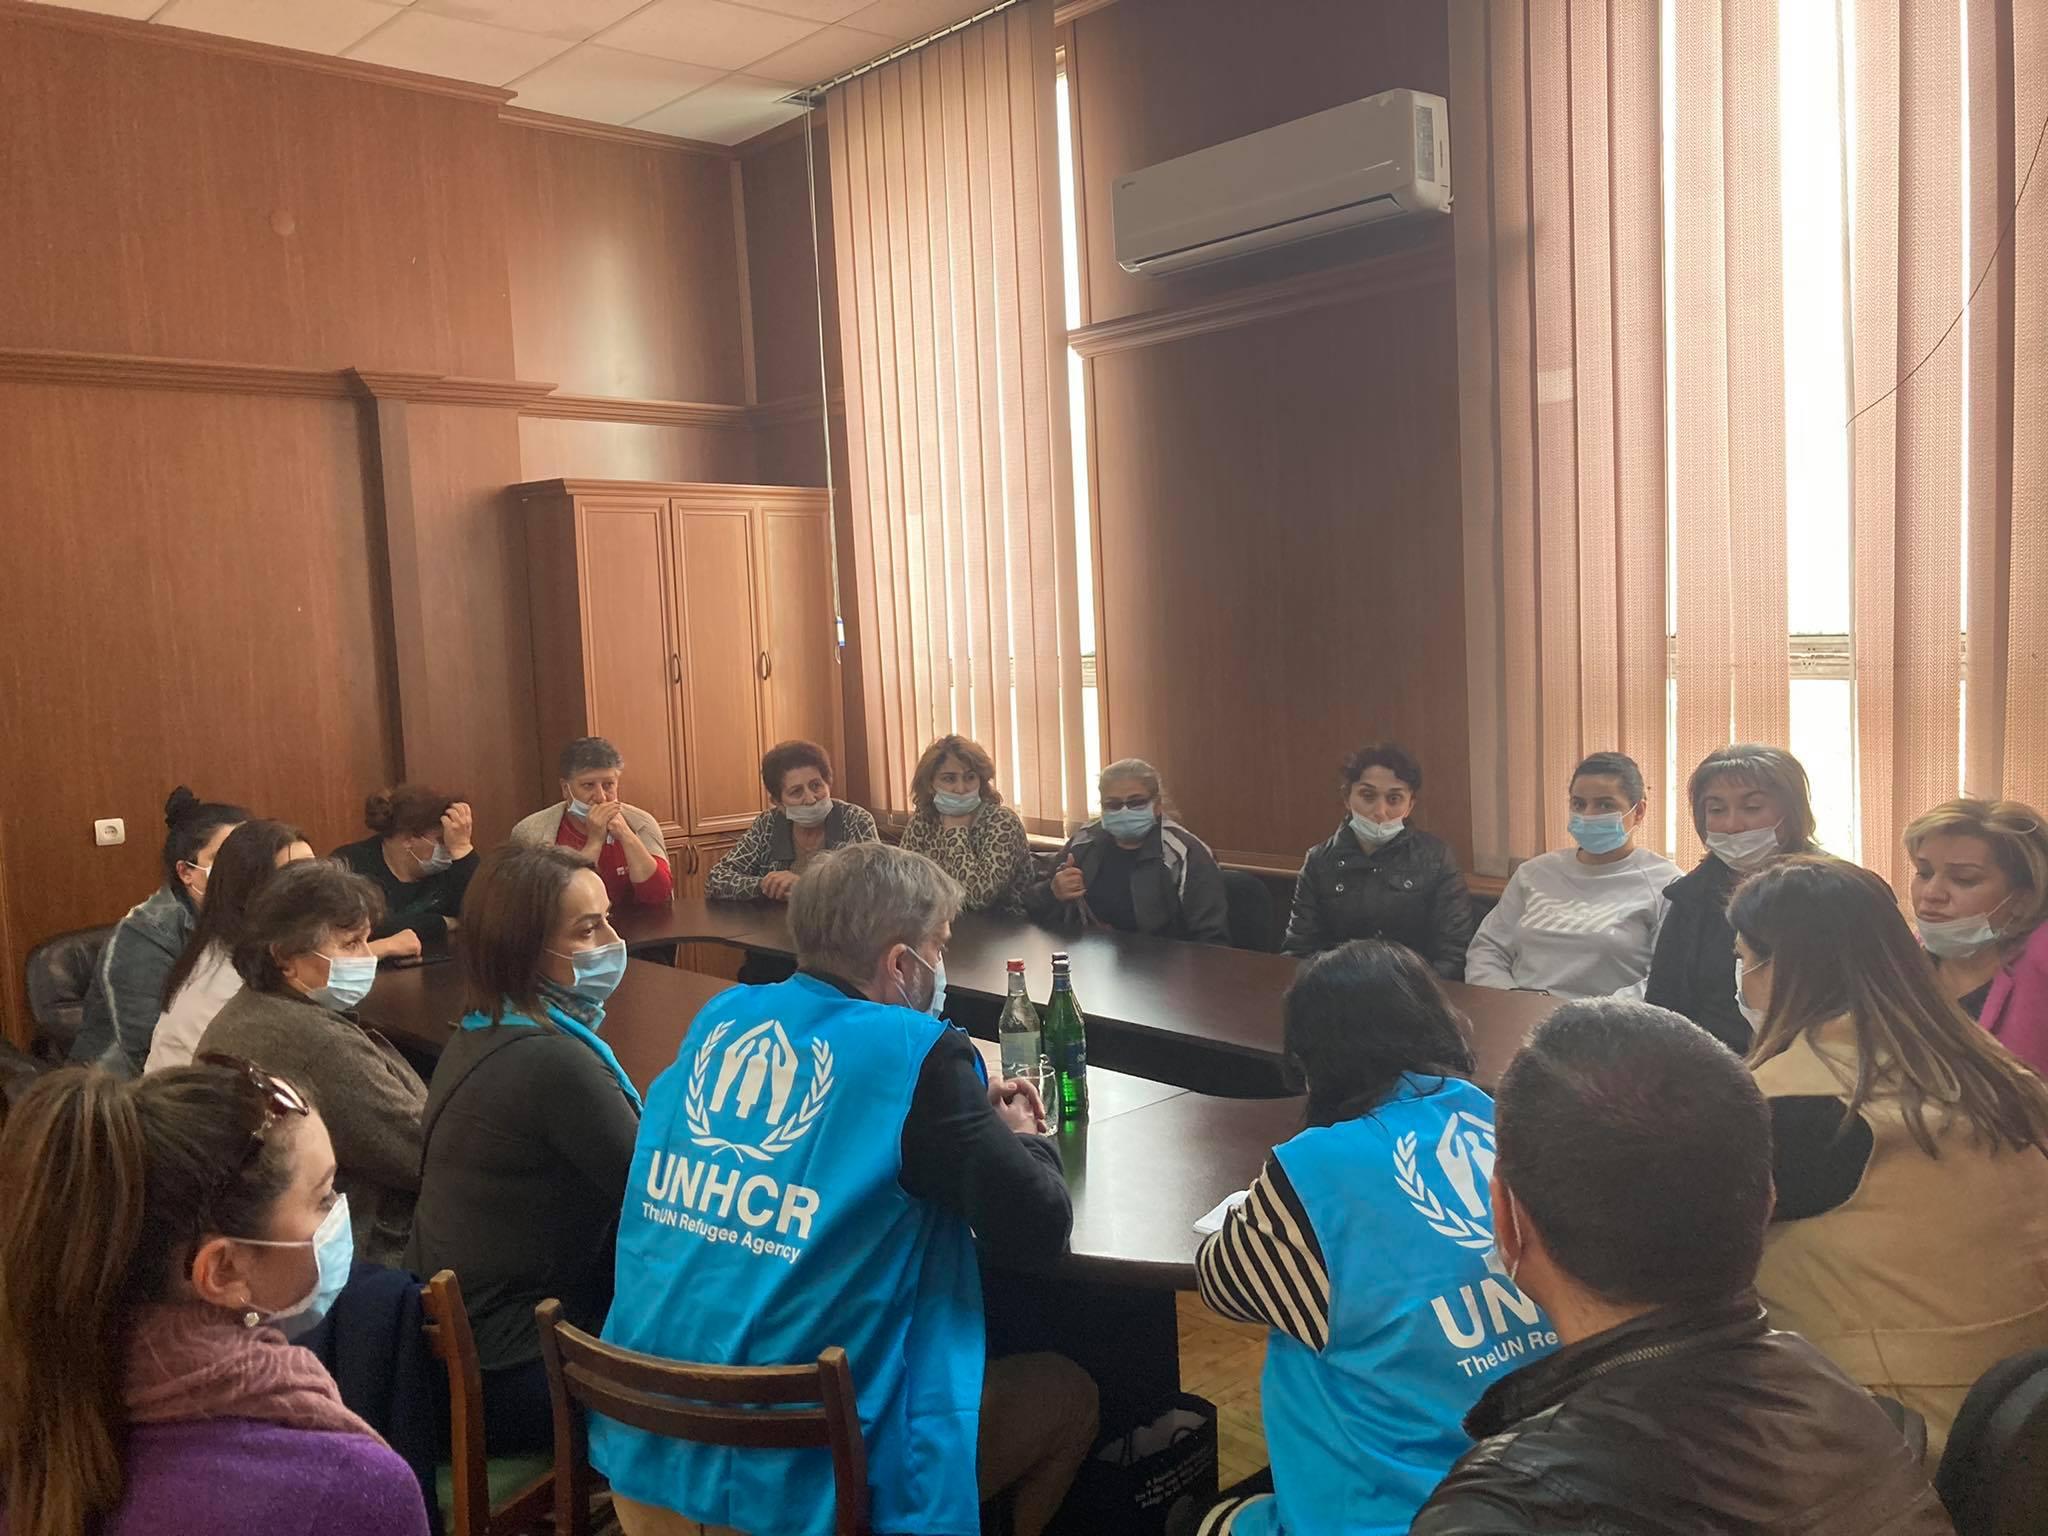 ՄԱԿ ՓԳՀ ներկայացուցիչները՝ ԼՂ-ից տեղահանված մի խումբ կանանց հետ հանդիպման ժամանակ։of women displaced from NK